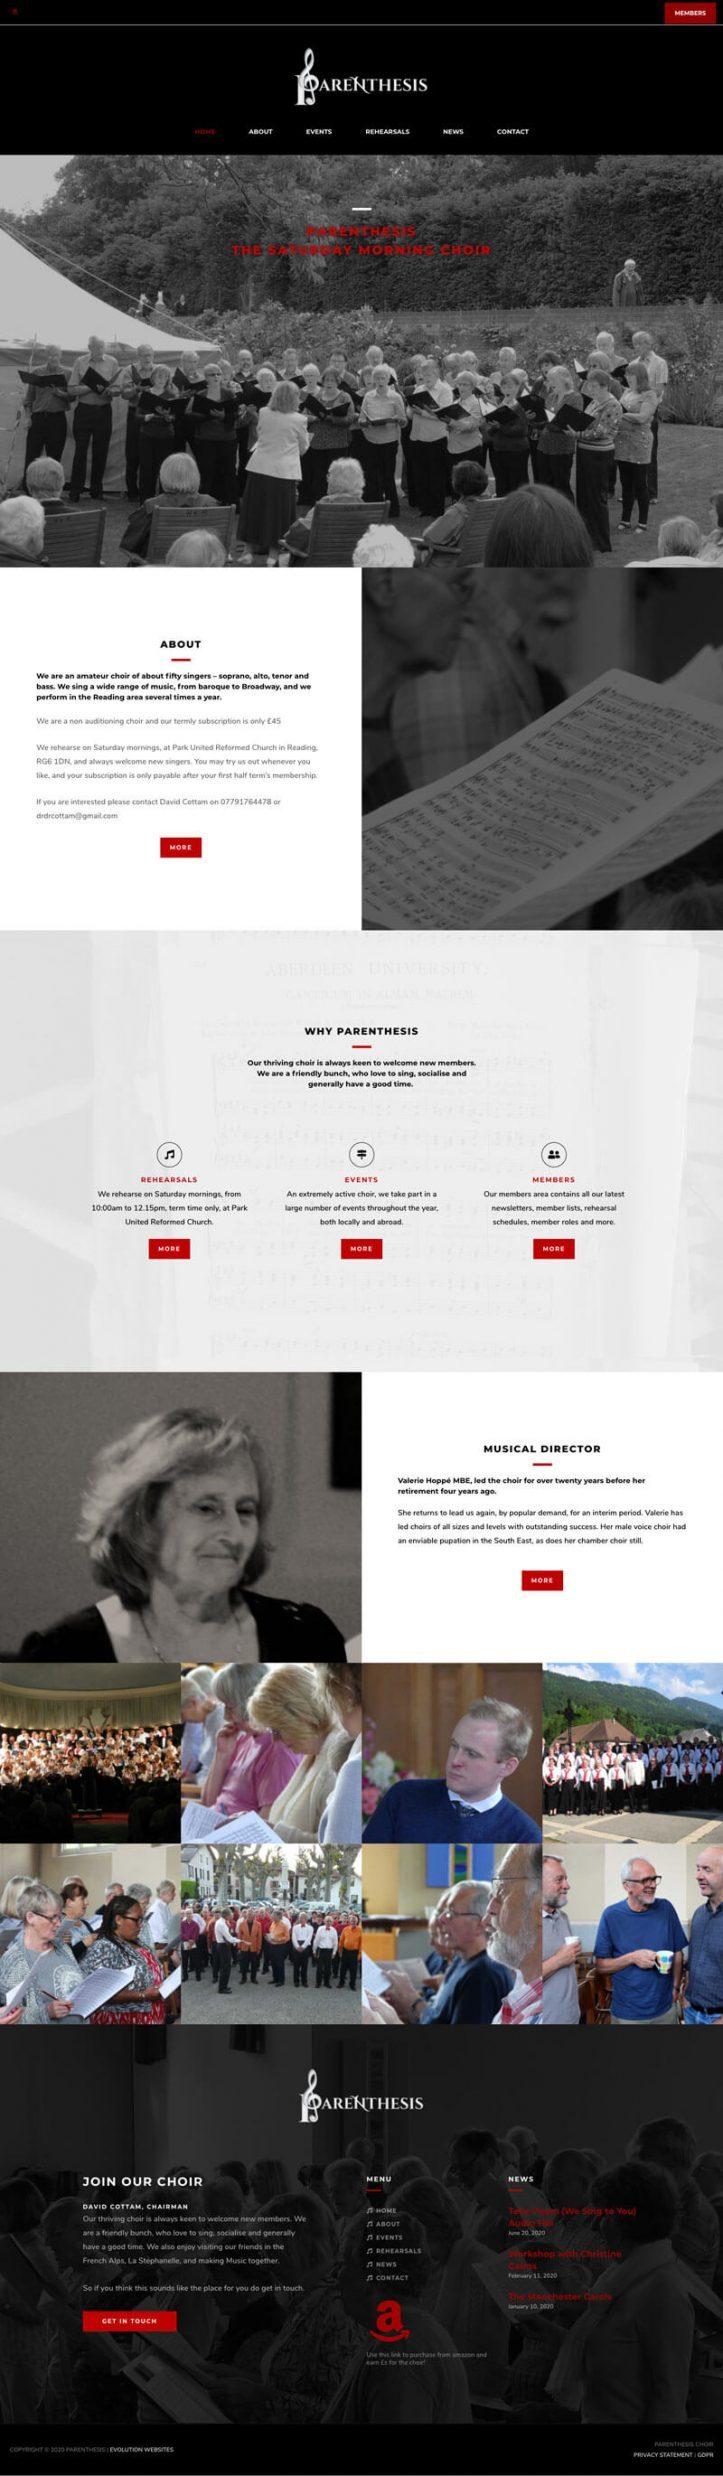 website design choir